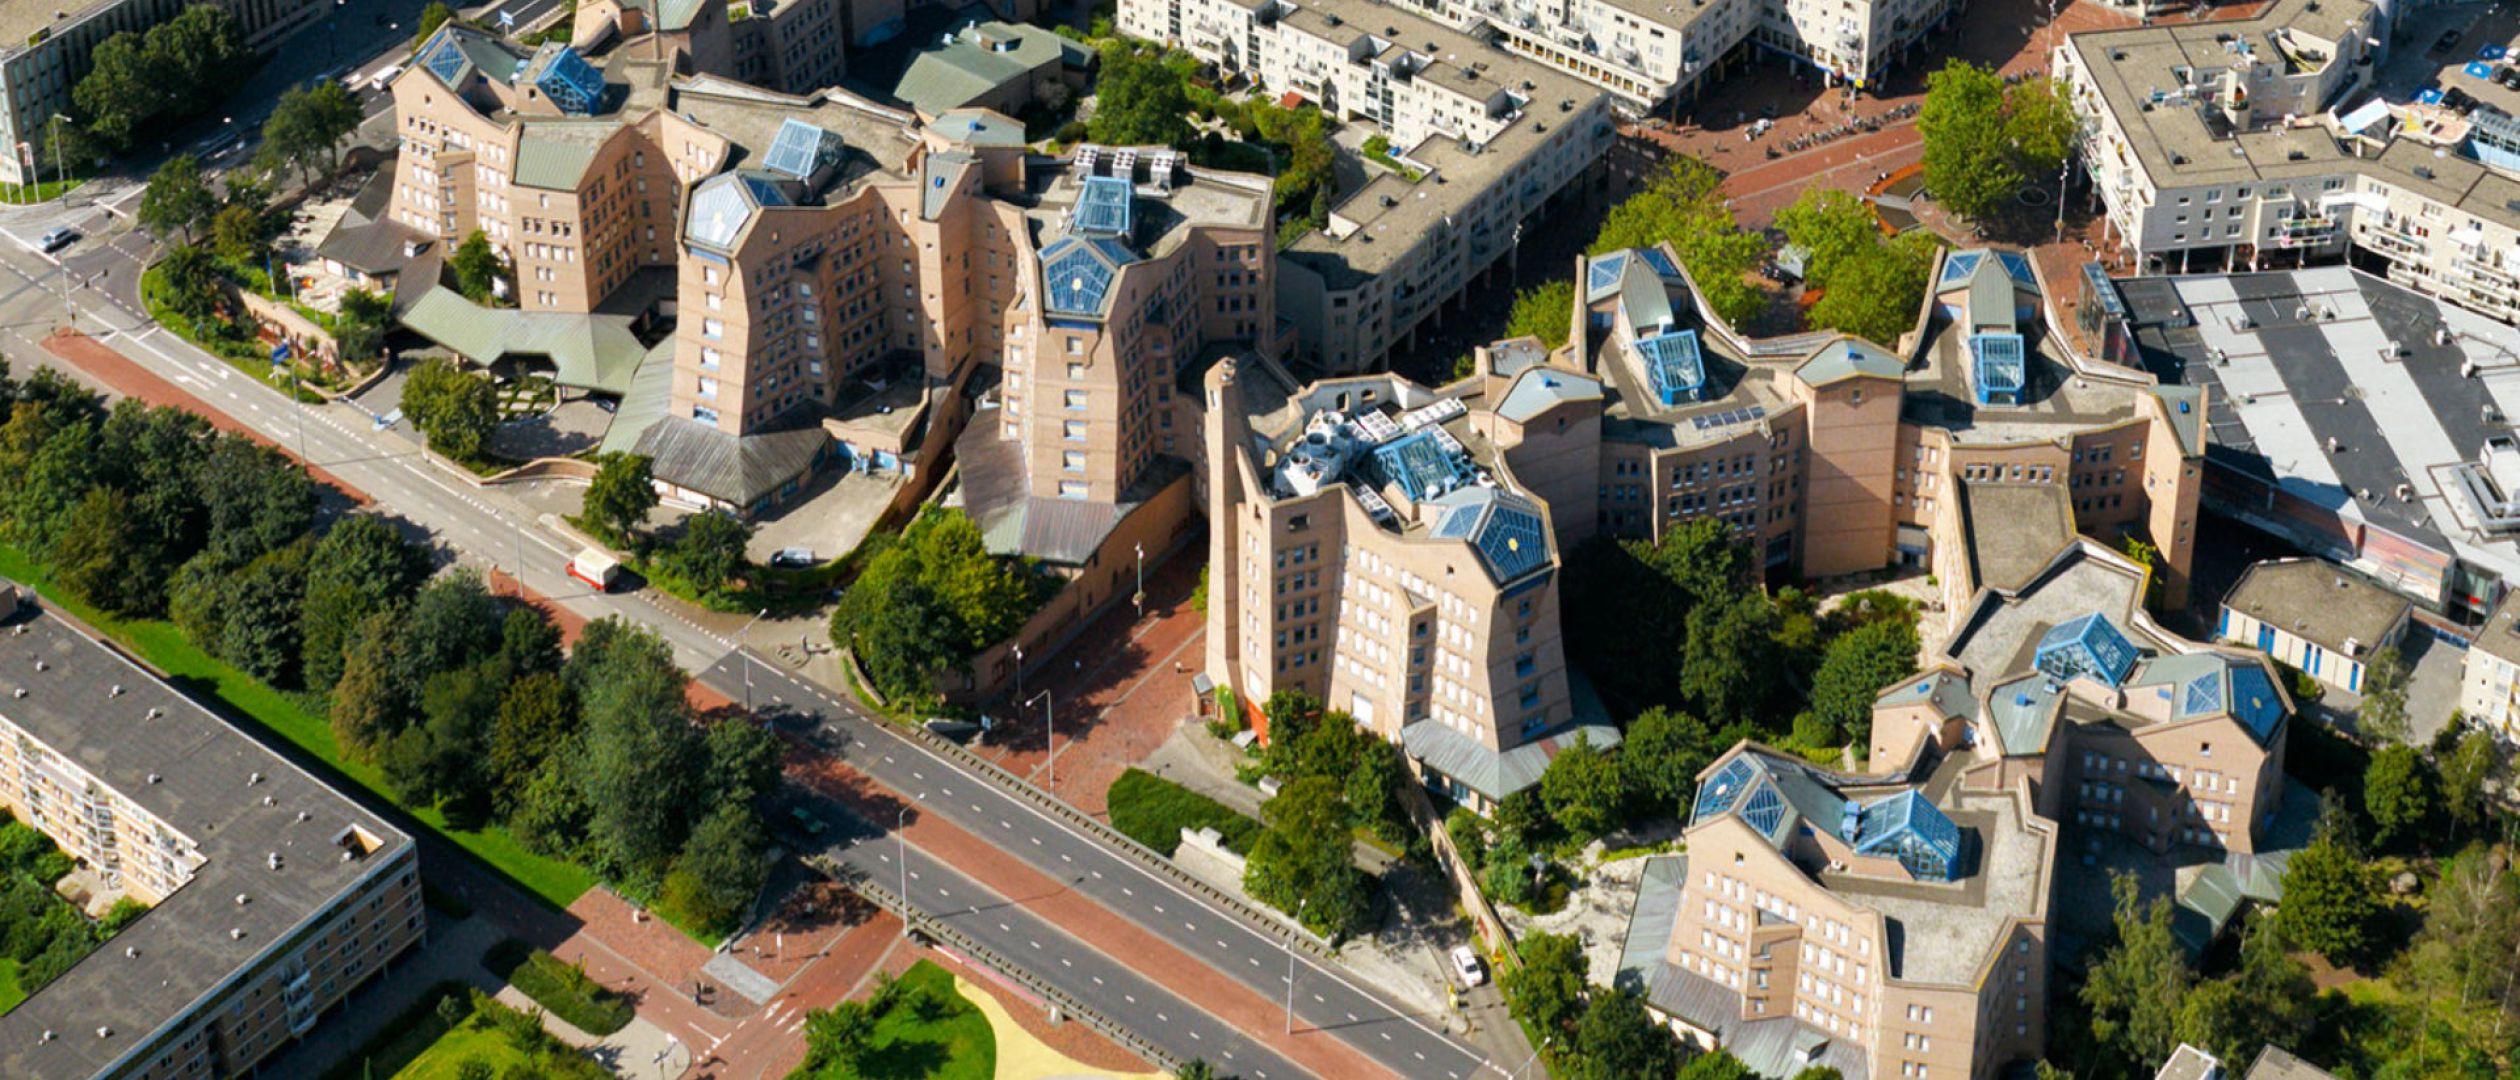 Campus ING Bank Tuinen Amsterdamse Poort, Amsterdam